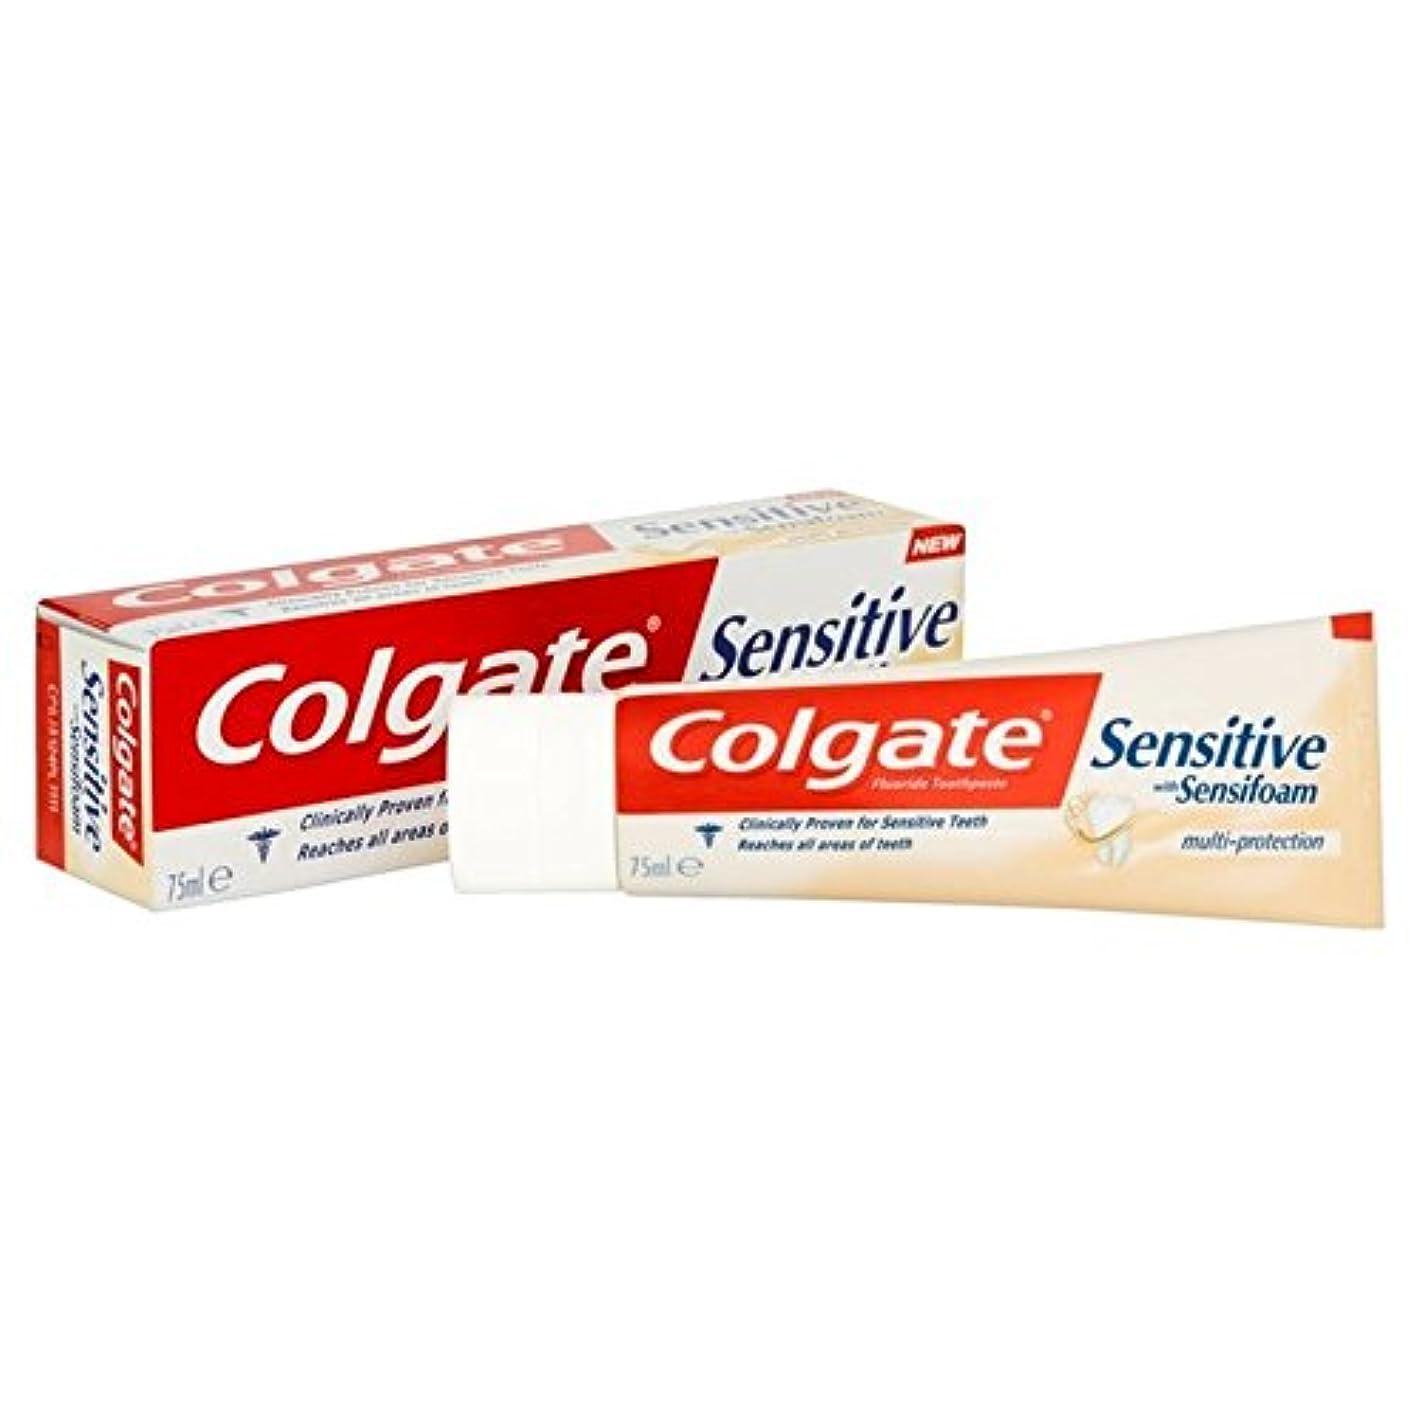 カート偶然の合計コルゲート敏感な泡は、マルチ歯磨き粉75ミリリットルを保護します x4 - Colgate Sensitive Foam Multi Protect Toothpaste 75ml (Pack of 4) [並行輸入品]